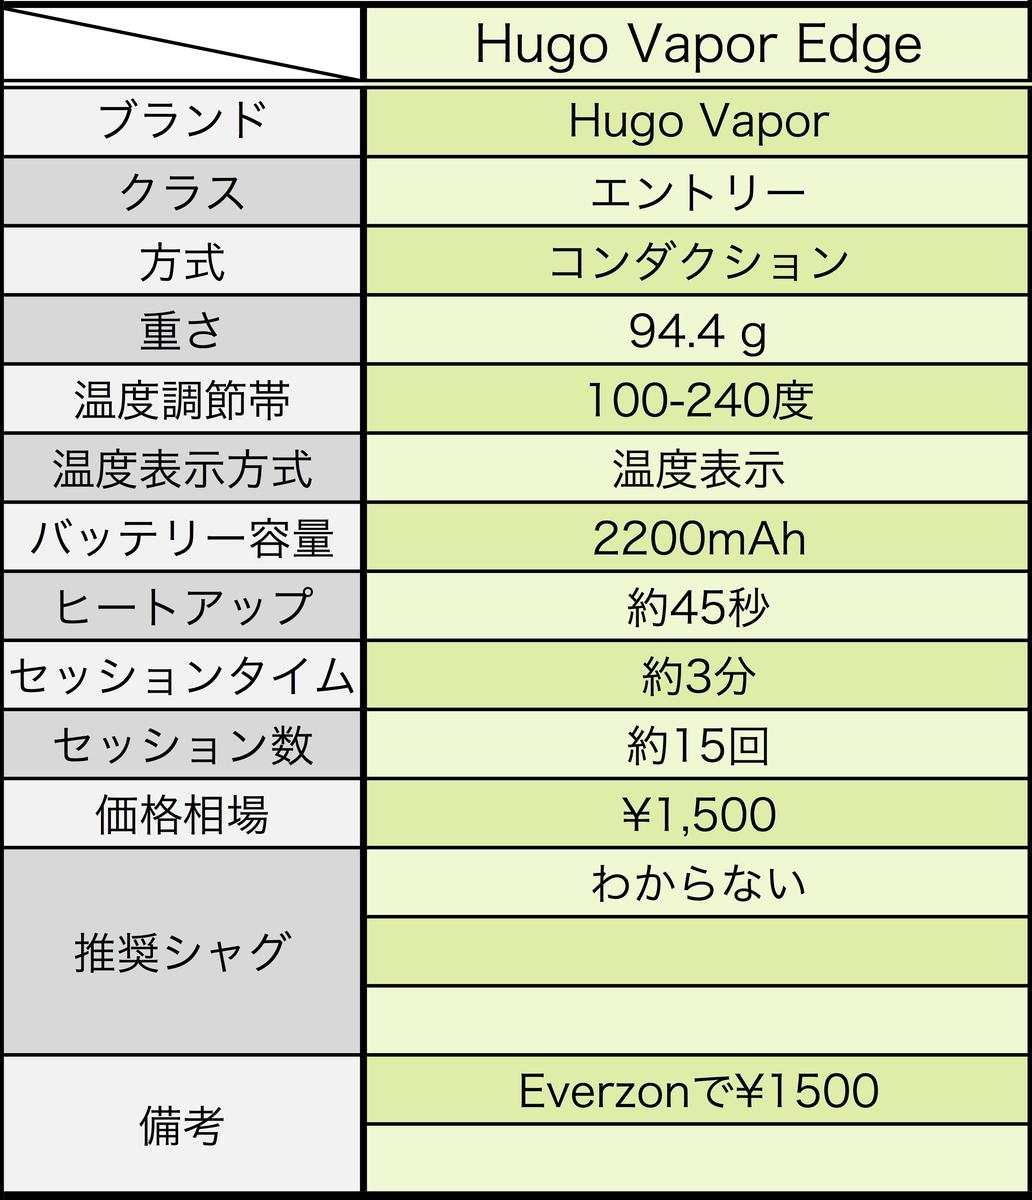 f:id:umu_umai_ojisan:20191122173226j:plain